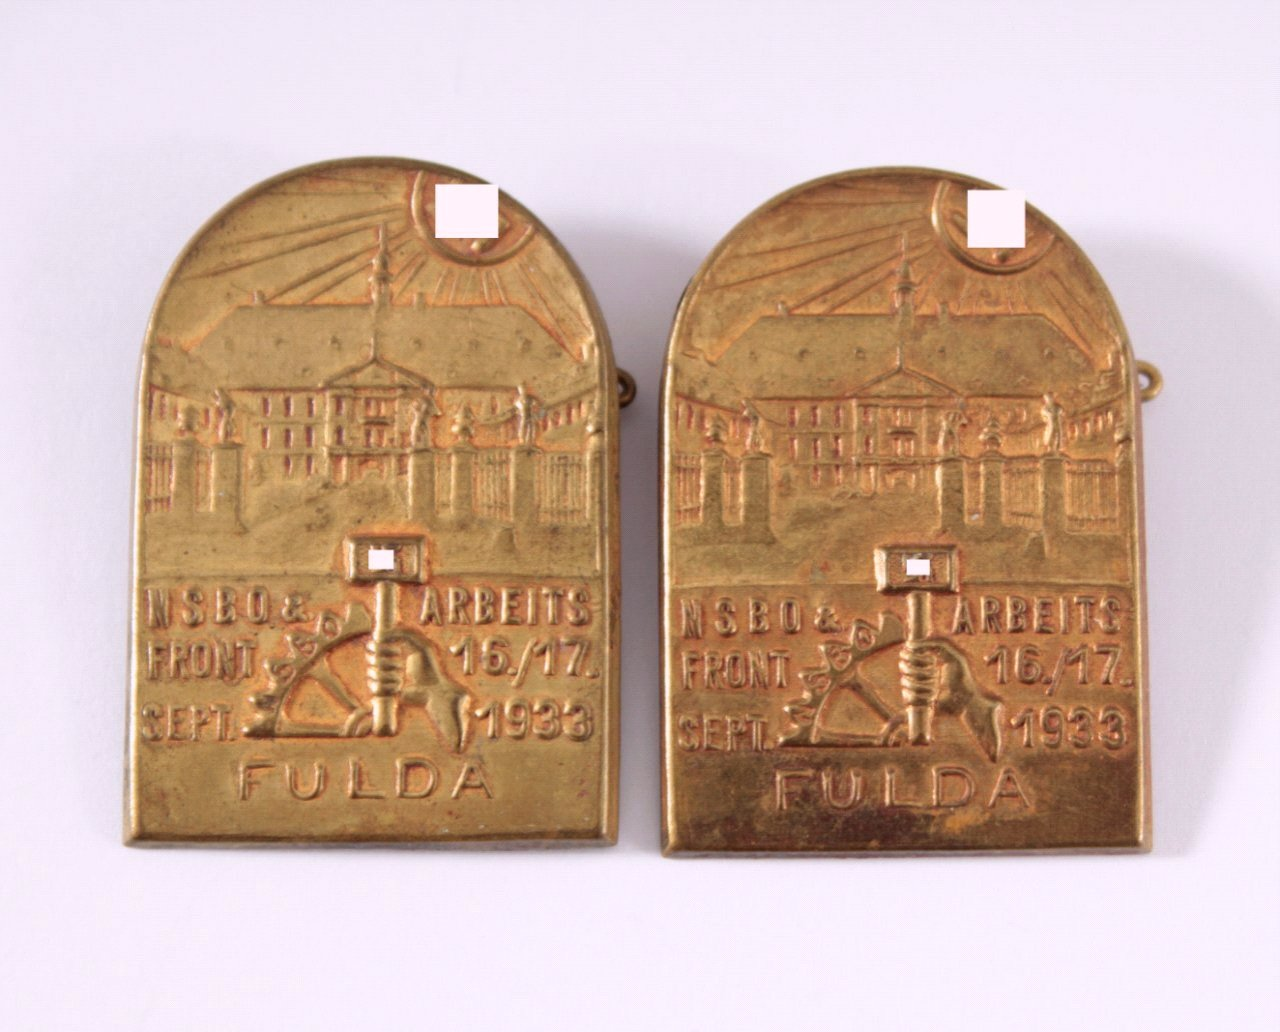 2 Abzeichen NSBO & Arbeitsfront Fulda 1933